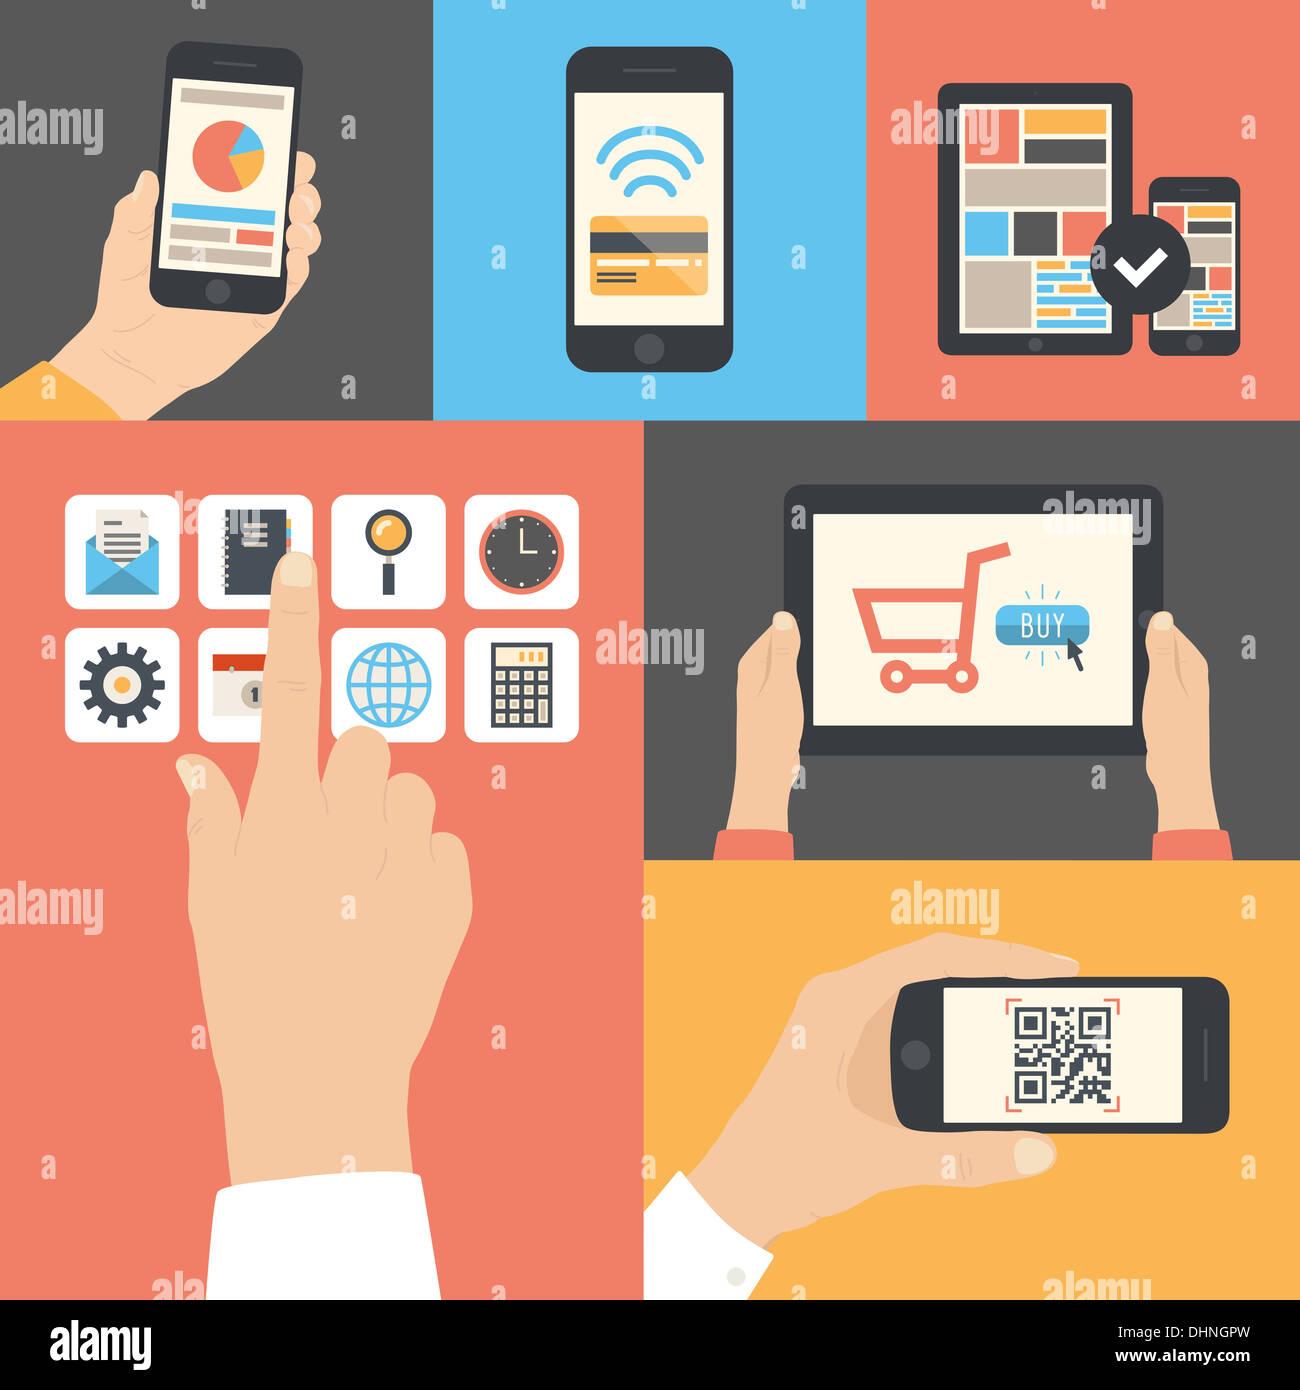 Flache Abbildung Reihe von Touchscreen-Interface, Handy Scan qr-Code, Online-Kauf und e-Commerce-Nutzung Stockbild